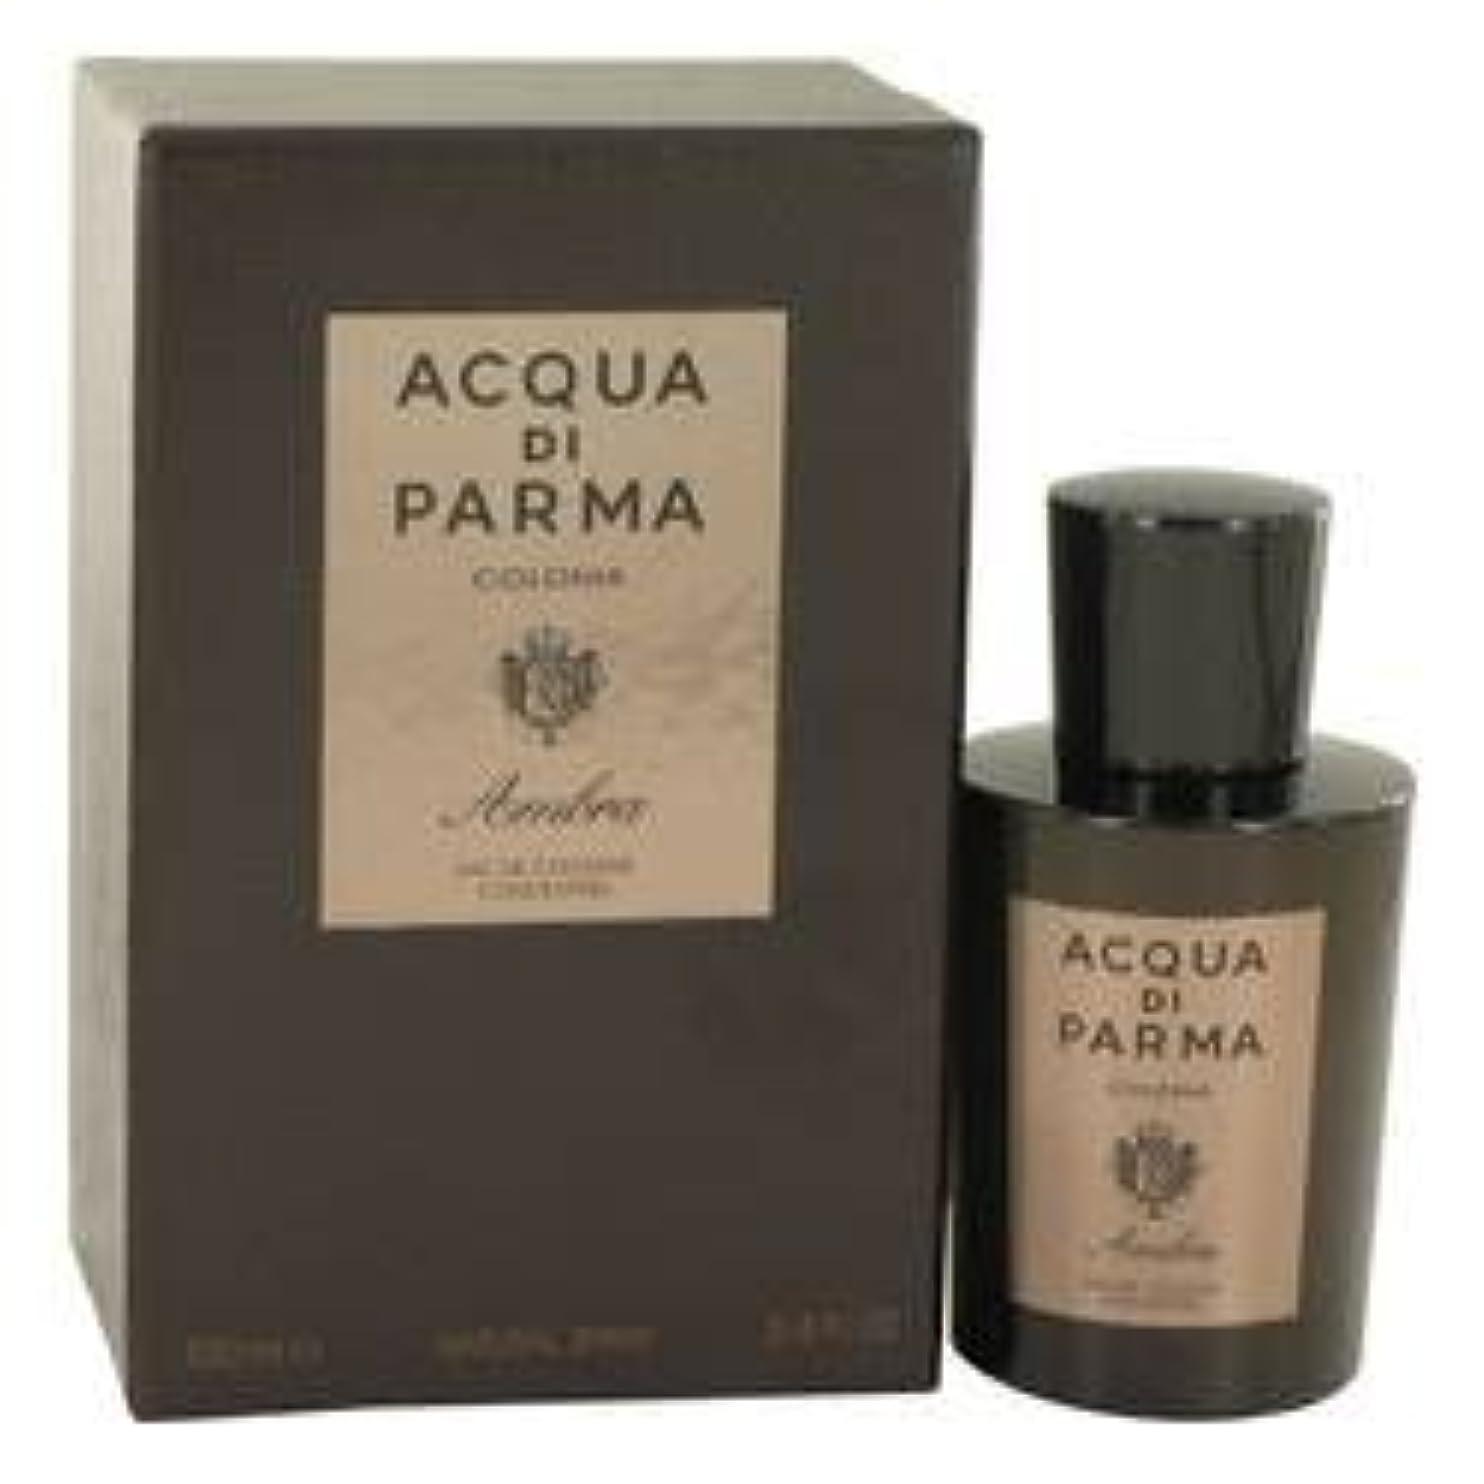 静かな彼女は植物のAcqua Di Parma Colonia Ambra Eau De Cologne Concentrate Spray By Acqua Di Parma